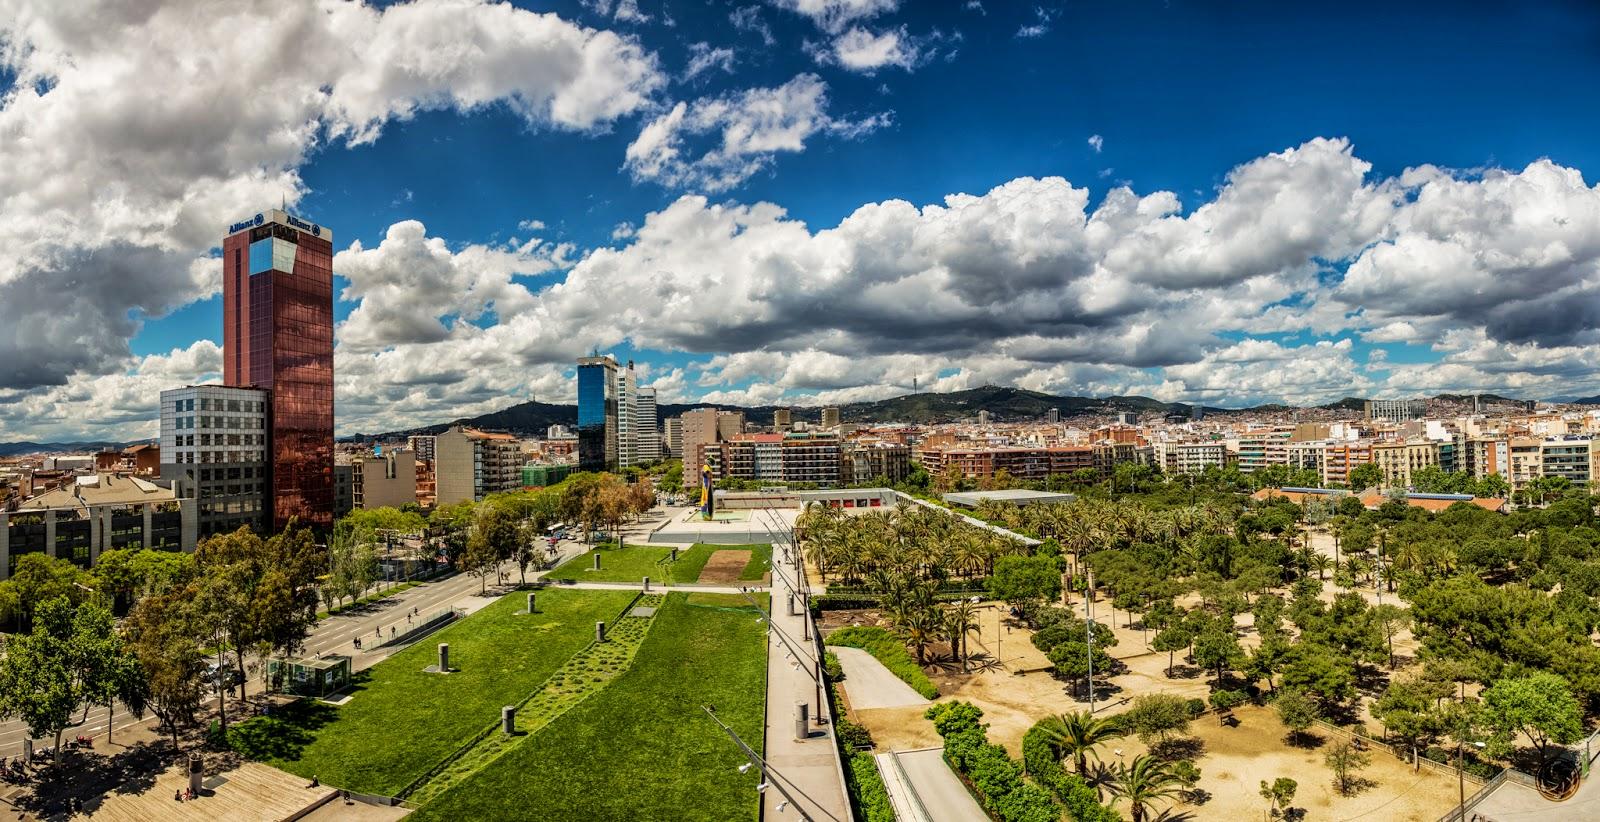 Panorama de Barcelona, con el Parc de l'Excursador en primer plano :: 2 x 6 x Canon EOS 5D MkIII | ISO200 | Canon 24-105 @24mm | f/8 | 1/250 & 1/640